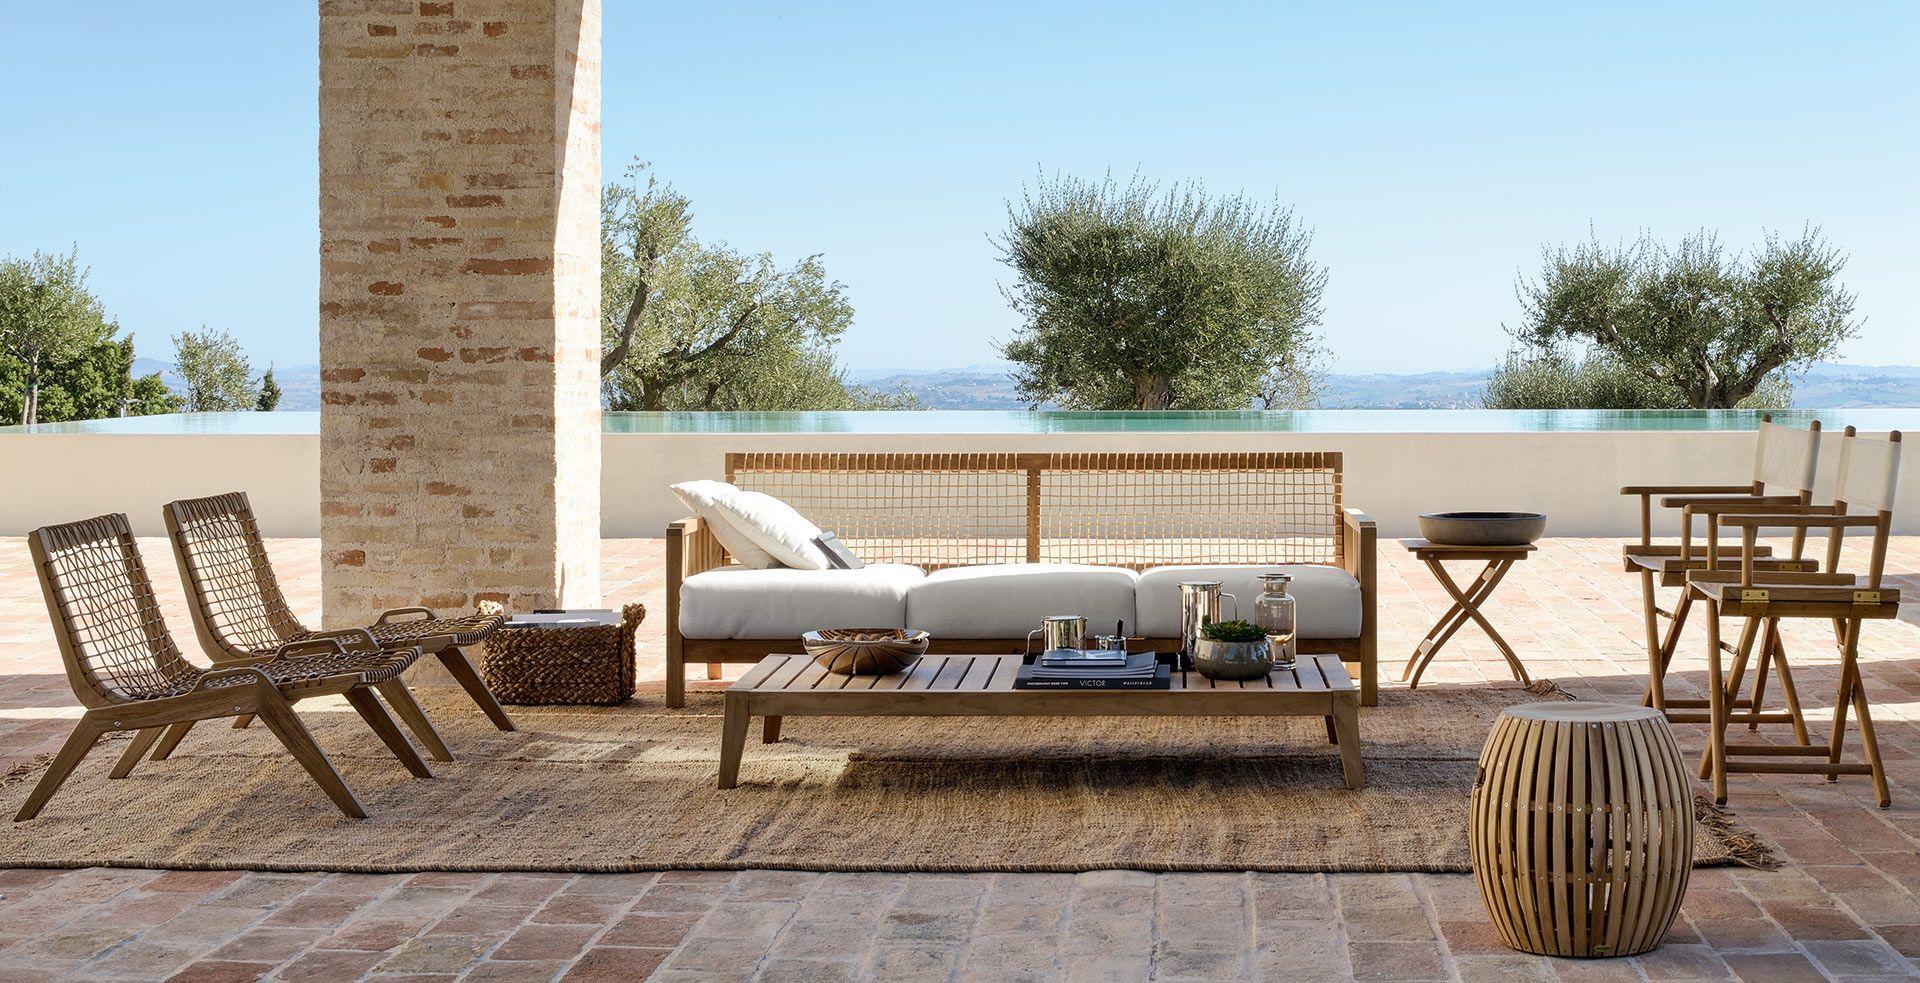 Meubles design de jardin et terrasse Unopiù | Idées en bloc et bloc ...